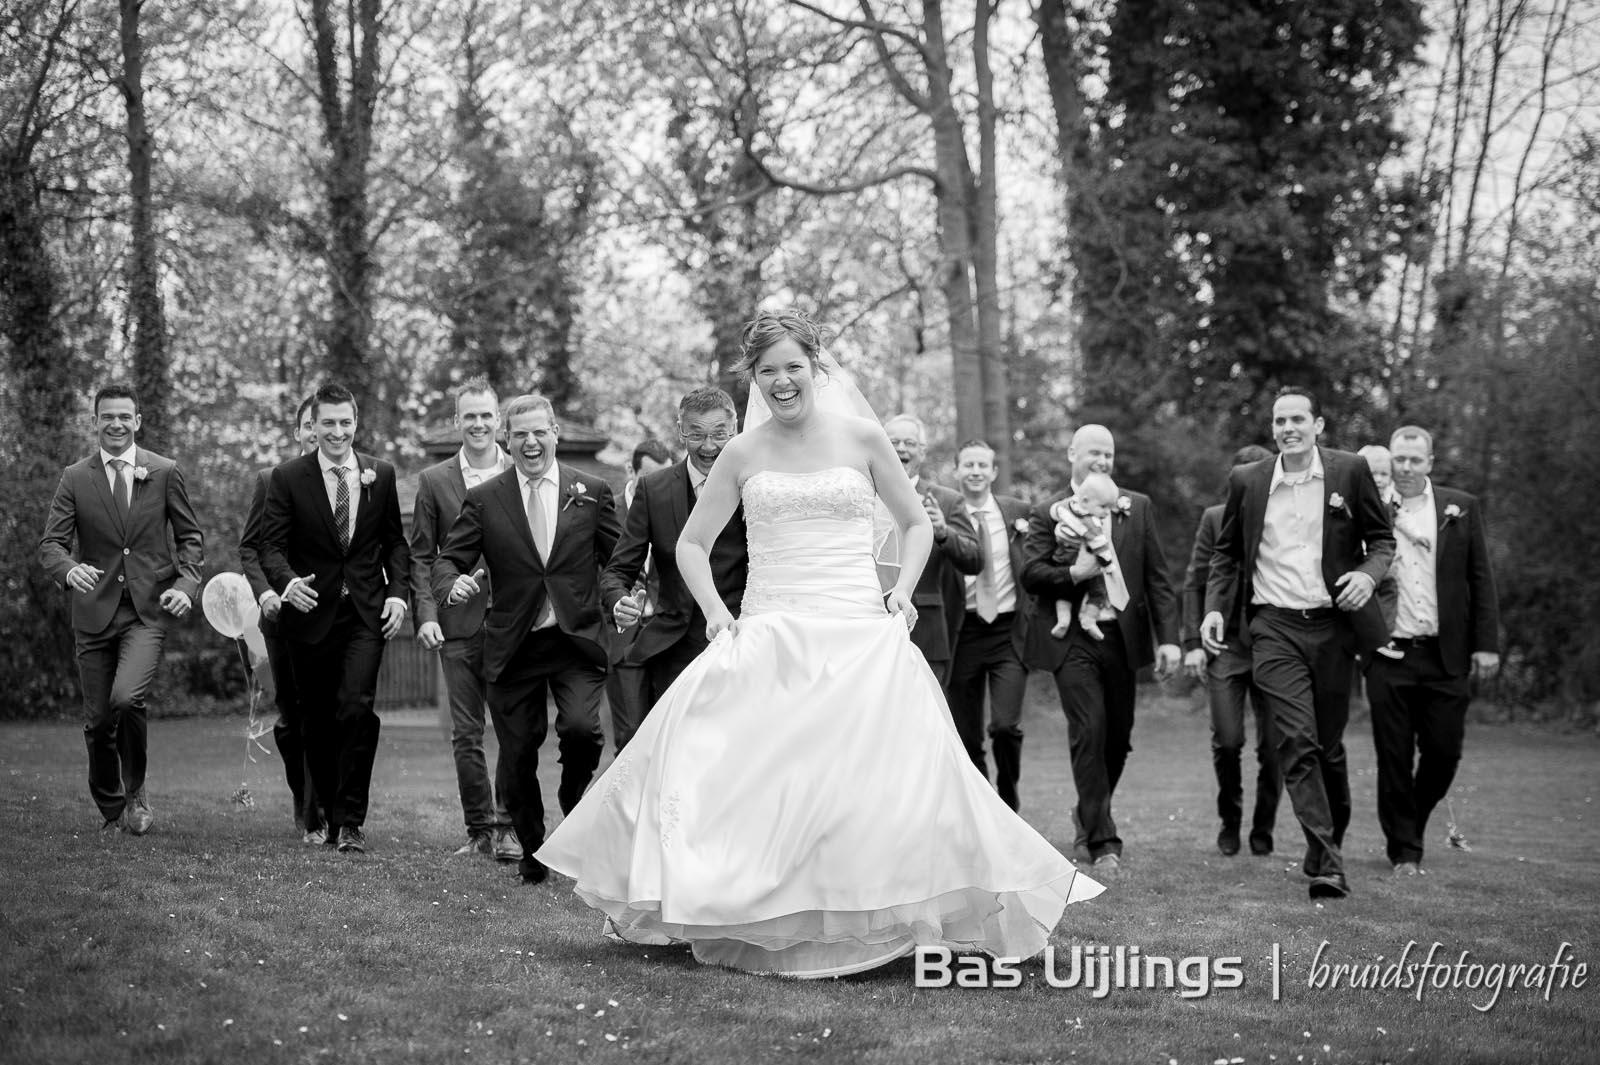 Bruidsfotografie Vianen en Landgoed Groenhoven in Bruchem